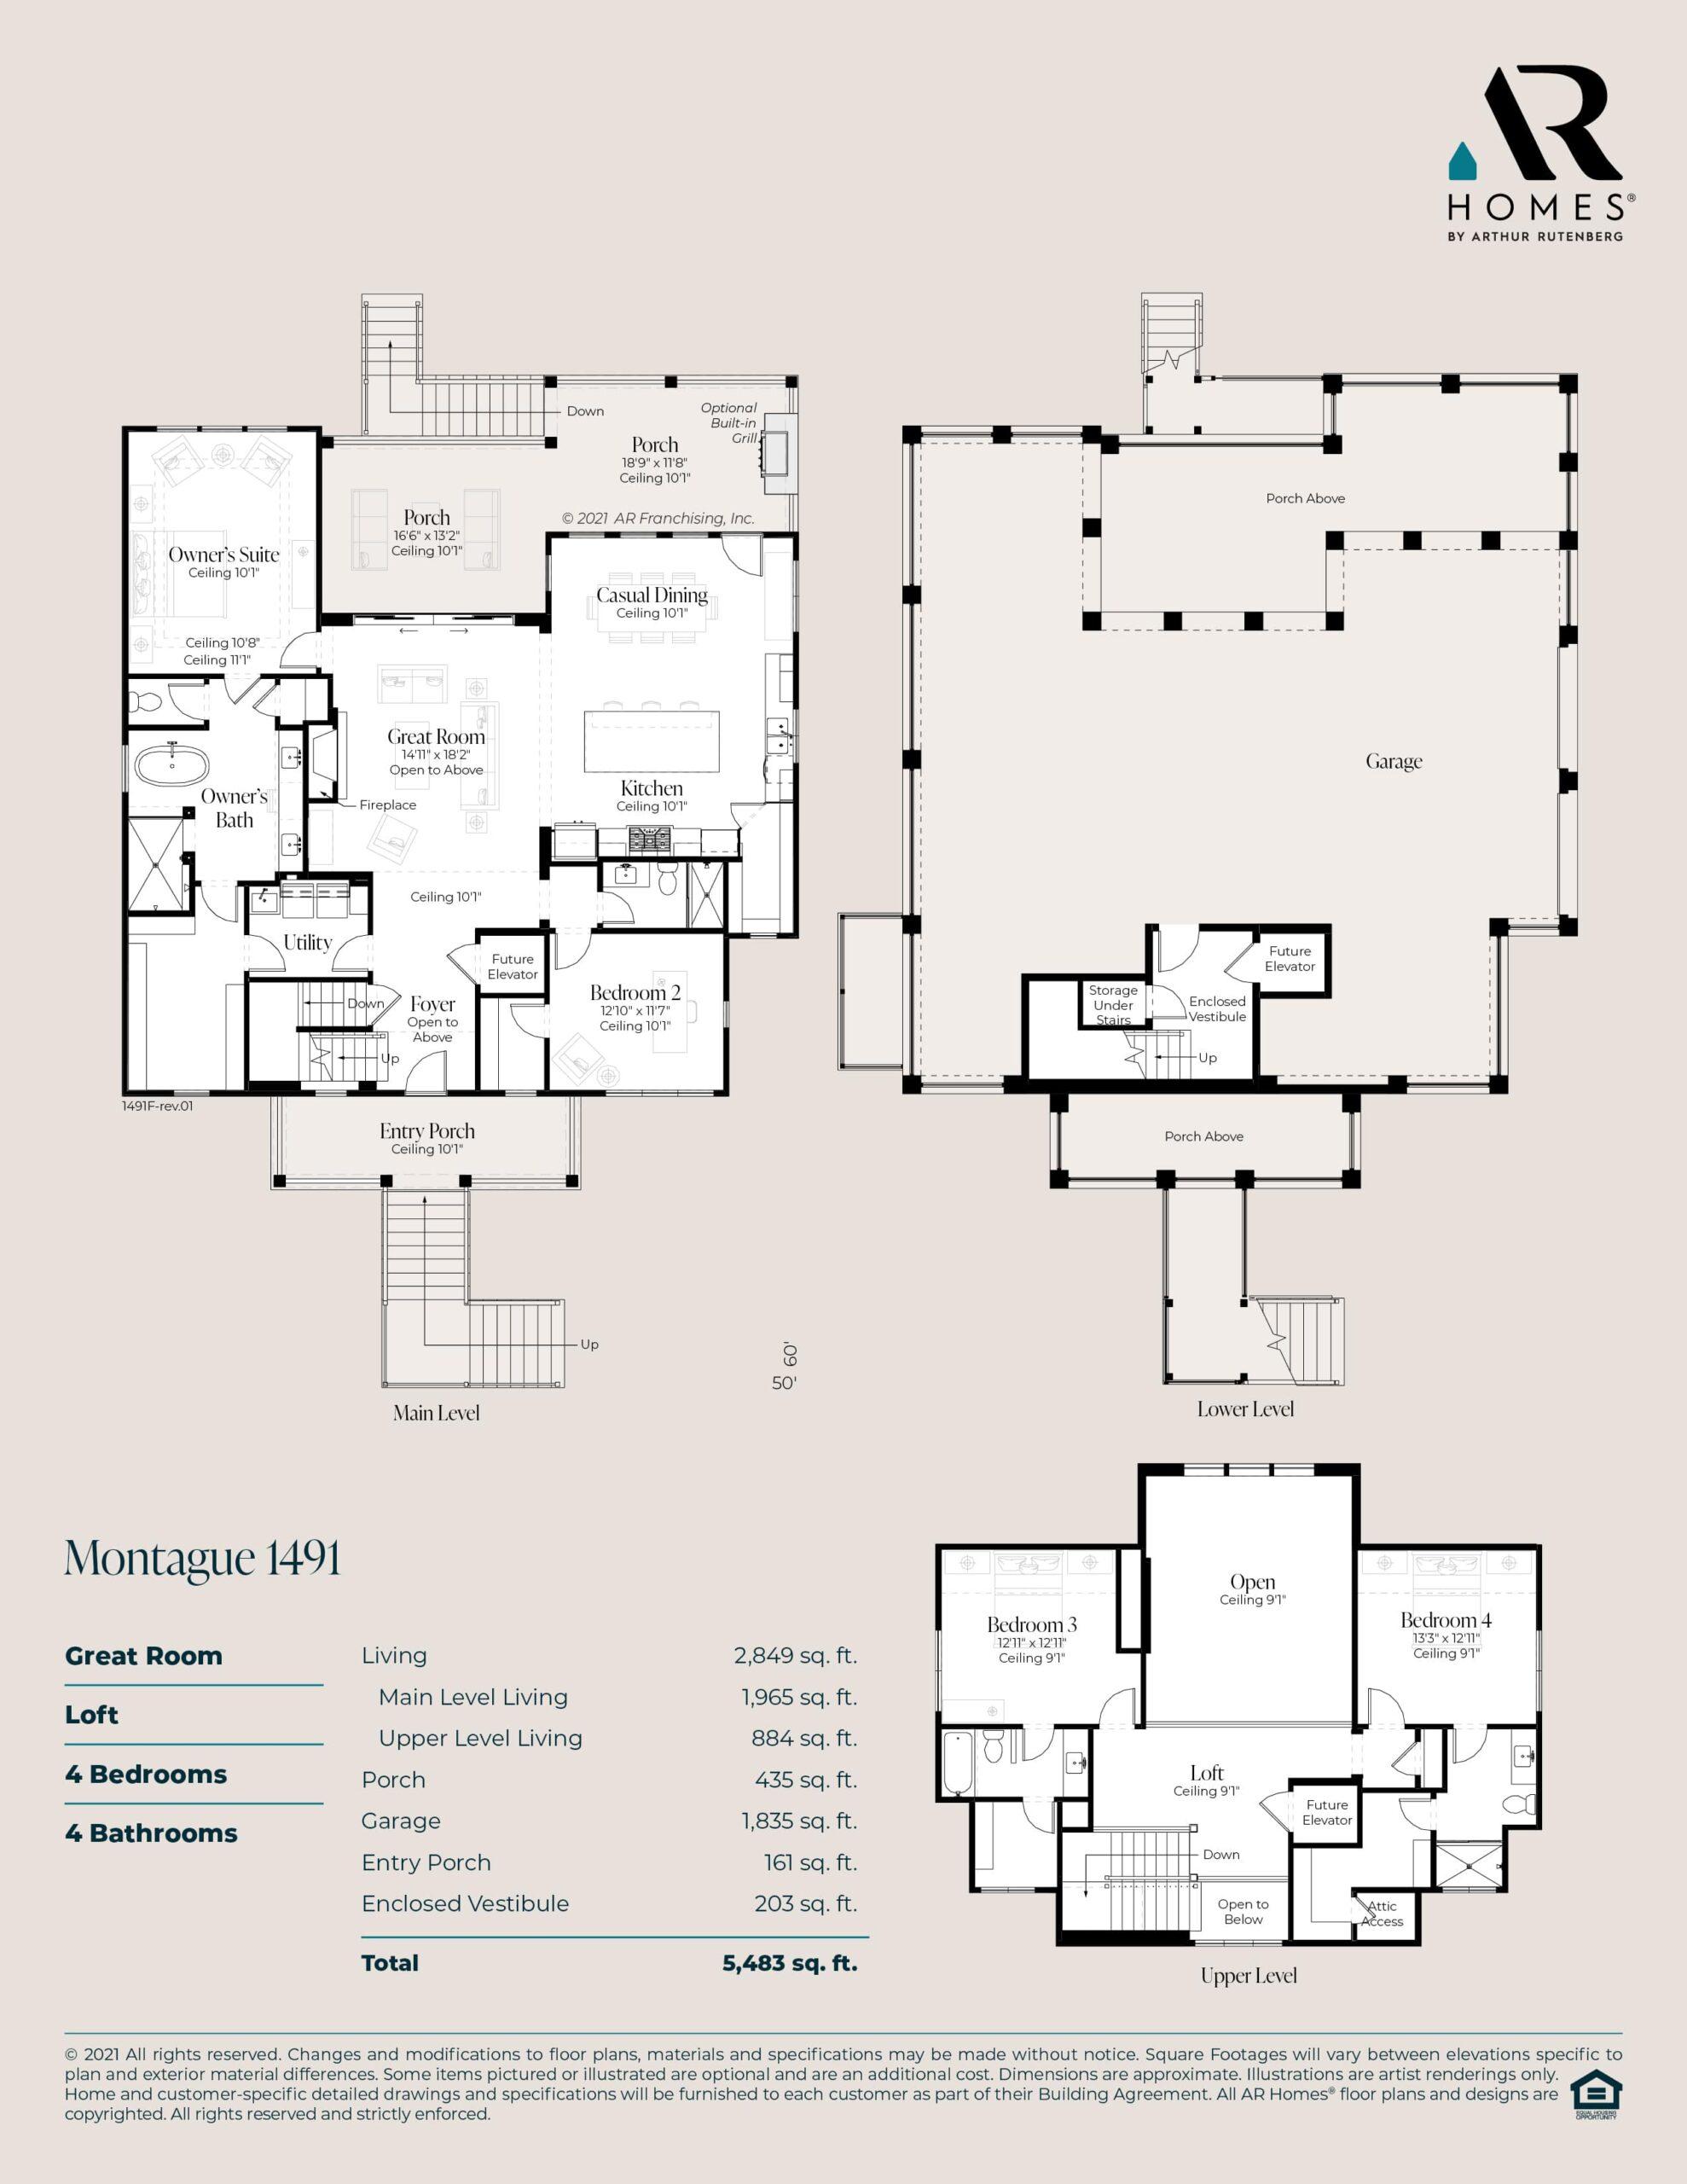 Montague 1492 Florr Plan